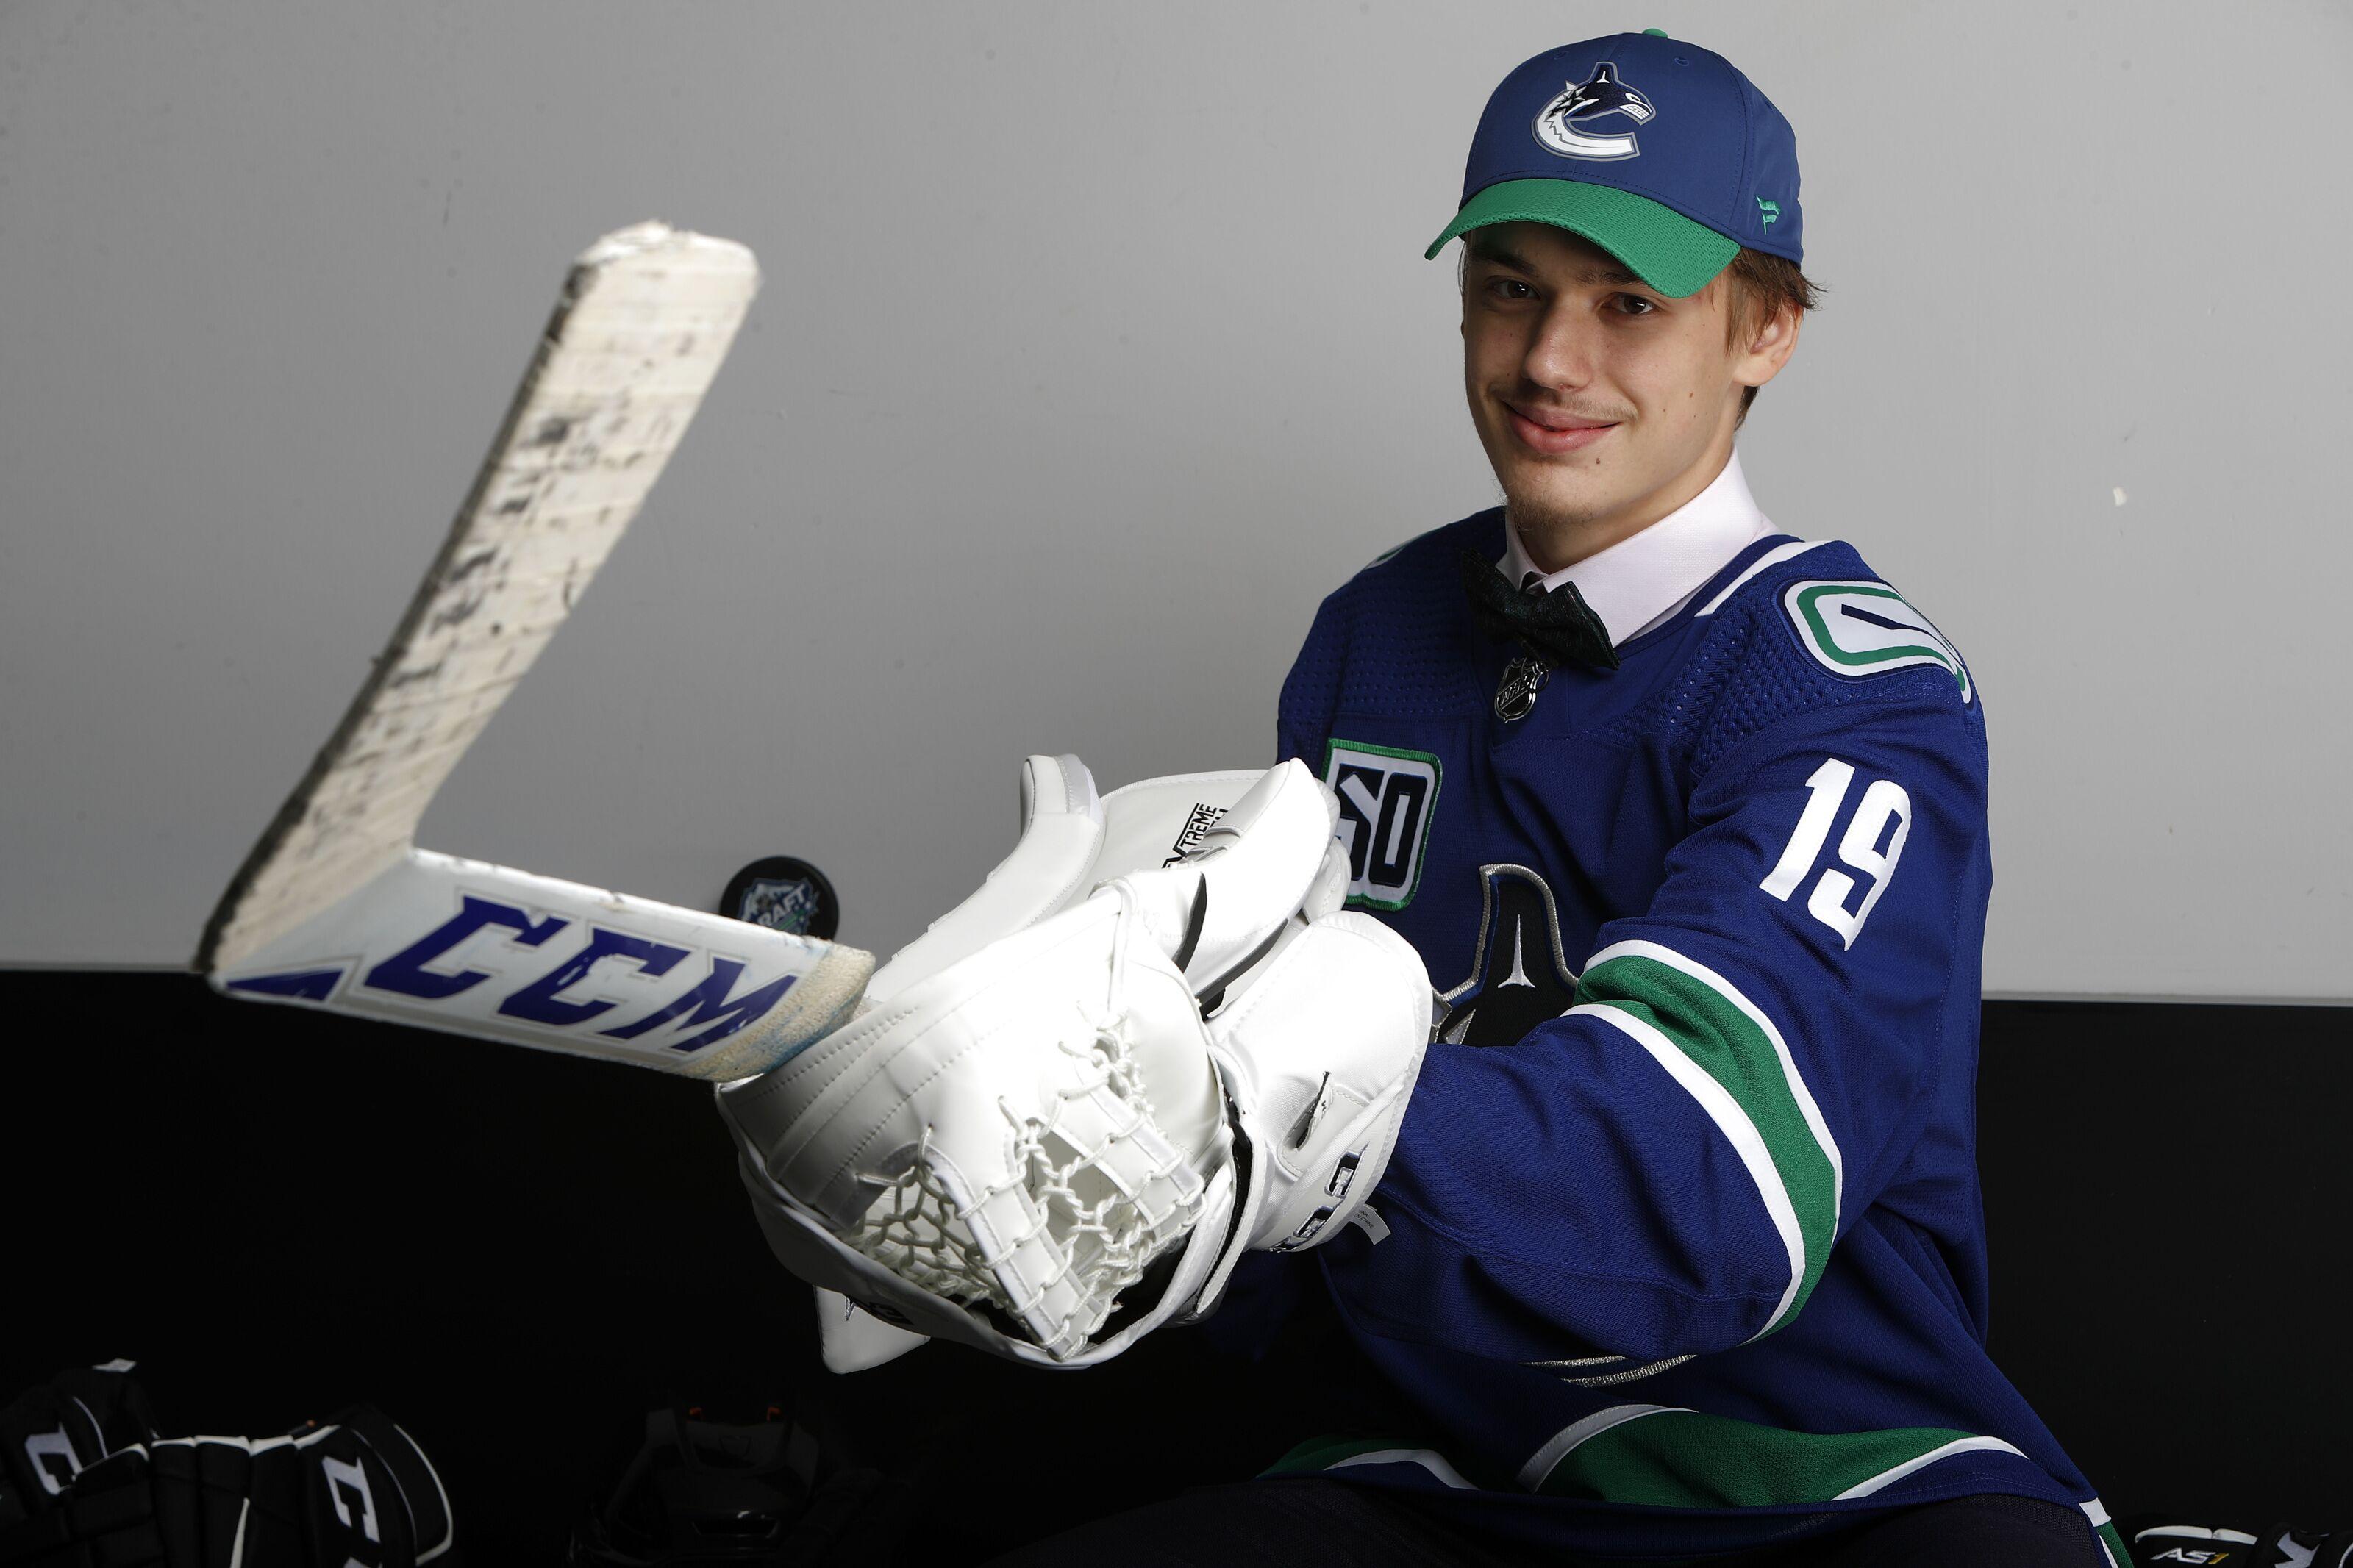 Vancouver Canucks sign 2019 draft pick Arturs Silovs